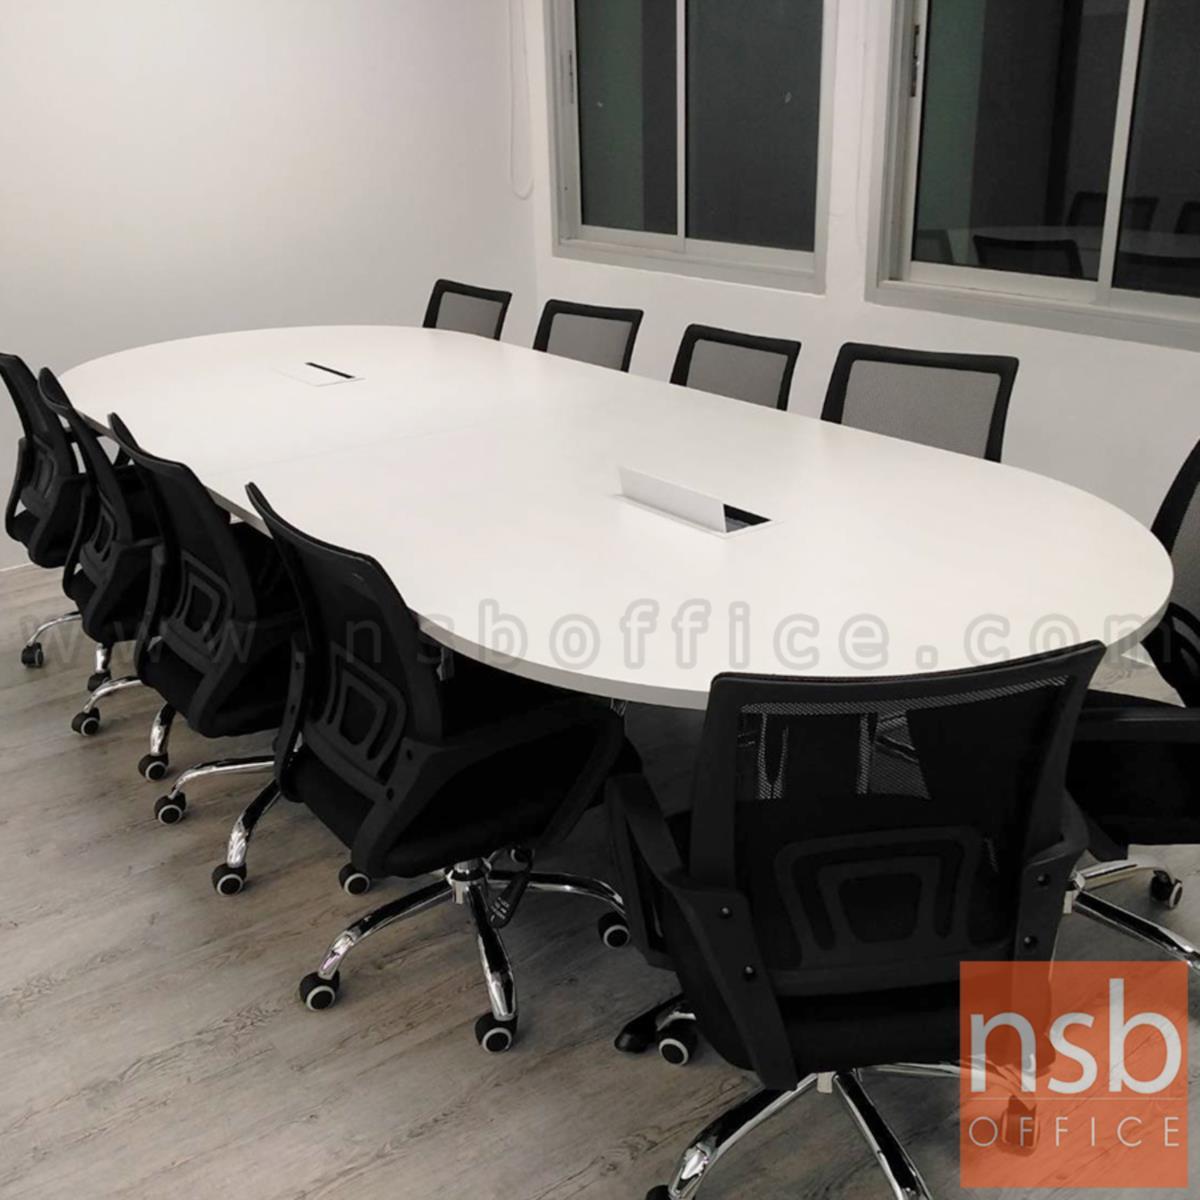 โต๊ะประชุมทรงแคปซูล  6 ,8,10 ที่นั่ง ขนาด 180W ,200W ,240W cm.  ขาเหล็กตัวที